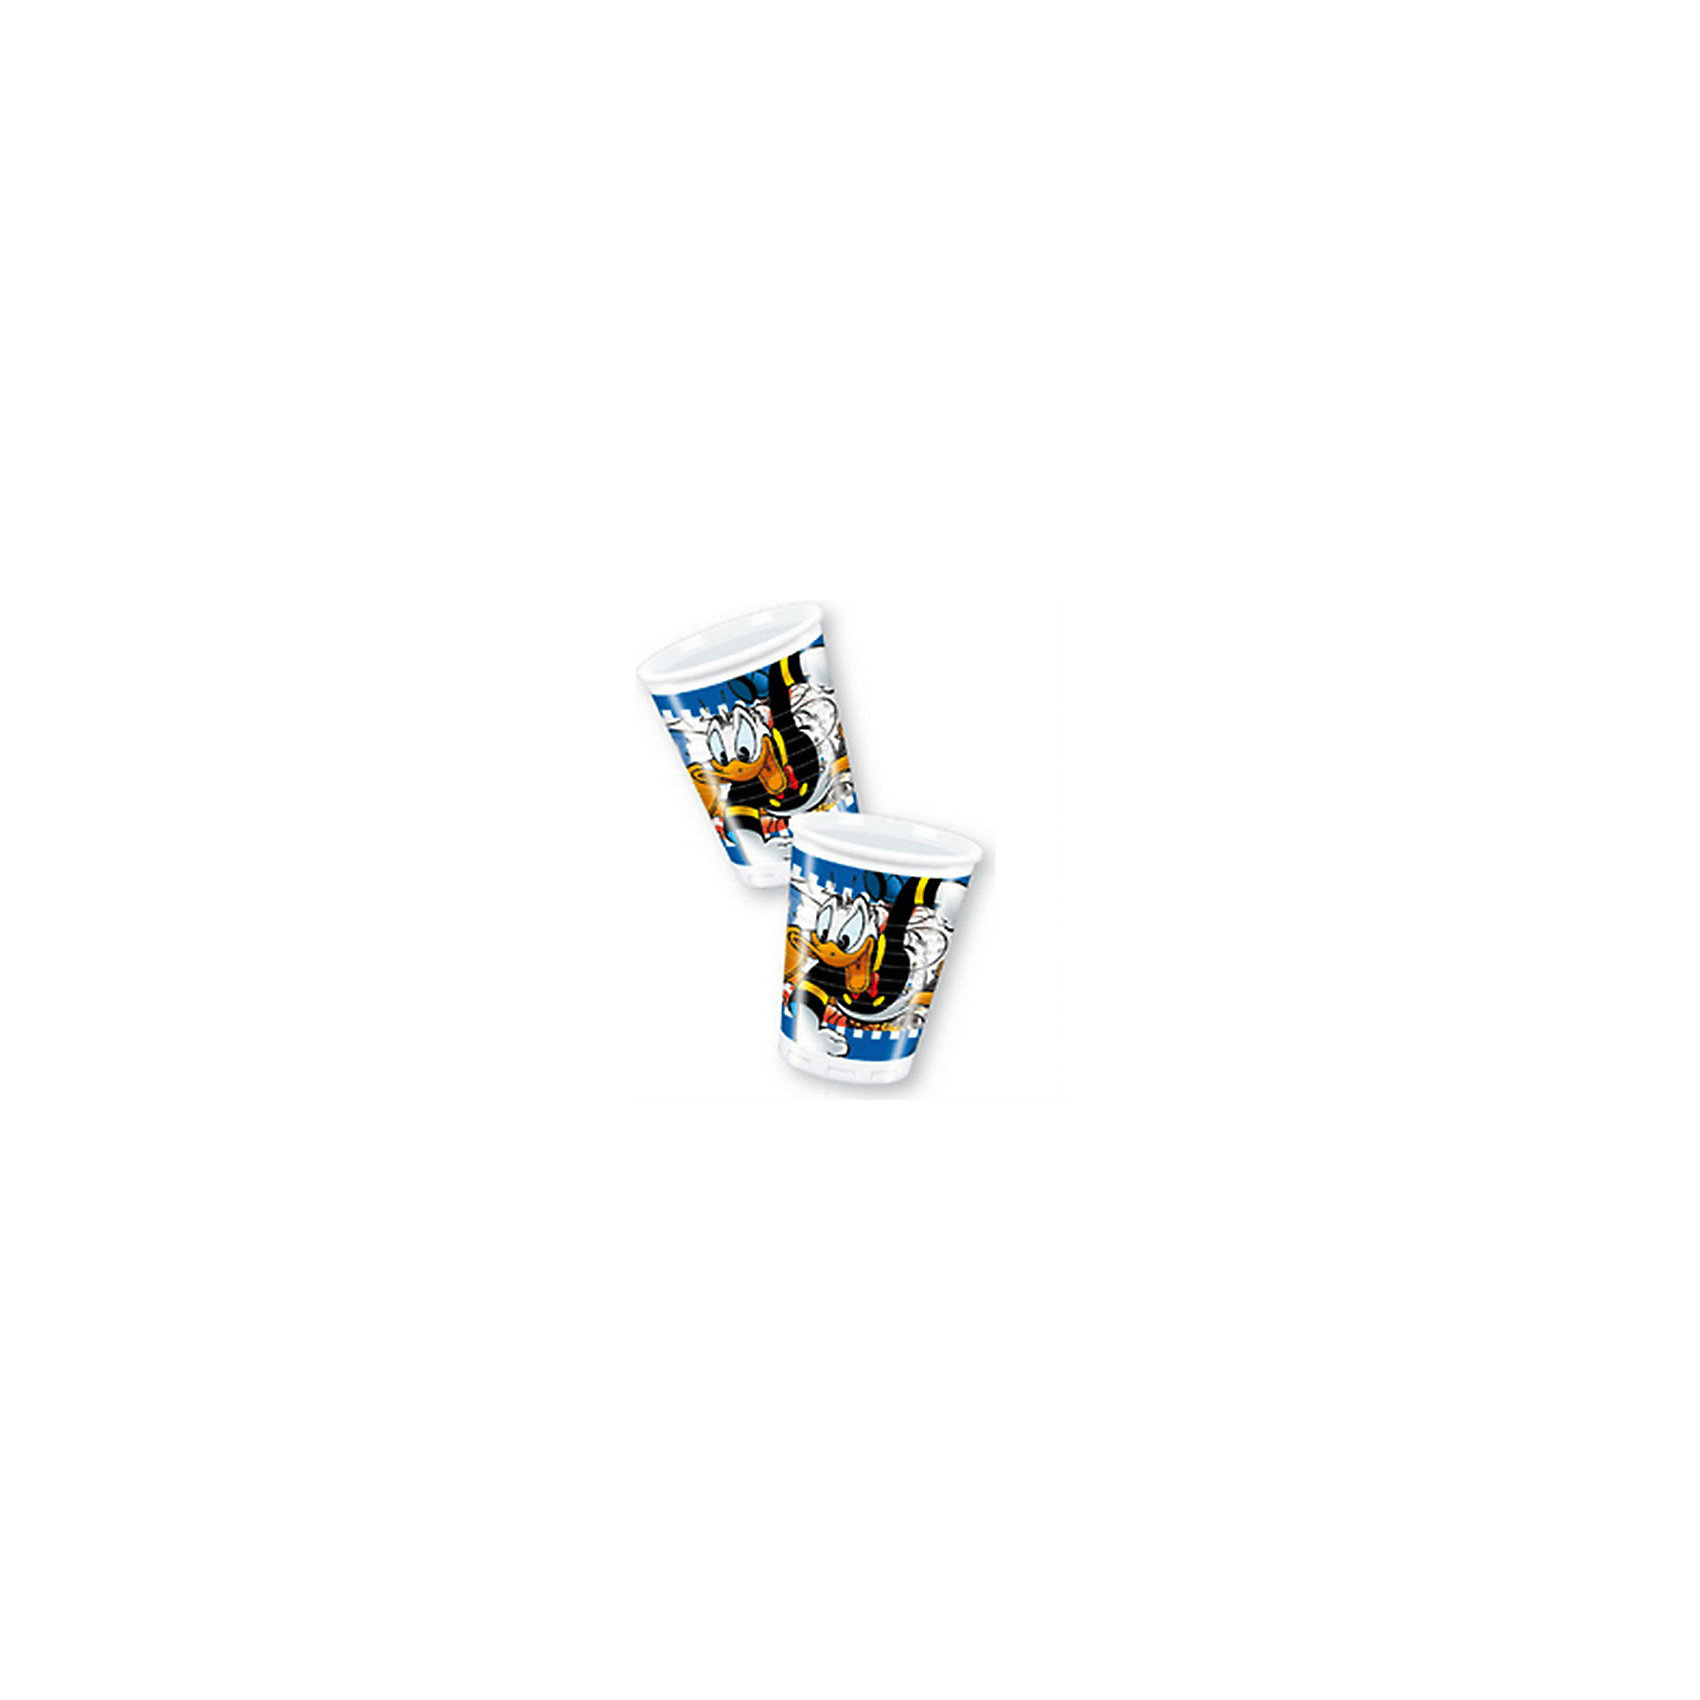 Стаканы пластиковые Дональд Дак - Утиные истории 180 мл, 8 шт.Стаканы<br>На празднике для мальчиков сервируйте стол стаканчиками с мультяшными героями, которых знают все.  <br>Рисунок из мультфильма «Дональд Дак – Утиные истории» заставит детей улыбаться.  <br>Стаканчики для праздника выполнены из пищевого пластика и отличаются высоким качеством исполнения.  <br>В набор входит 8 стаканчиков.<br><br>Ширина мм: 125<br>Глубина мм: 70<br>Высота мм: 46<br>Вес г: 30<br>Возраст от месяцев: 36<br>Возраст до месяцев: 2147483647<br>Пол: Унисекс<br>Возраст: Детский<br>SKU: 7128893